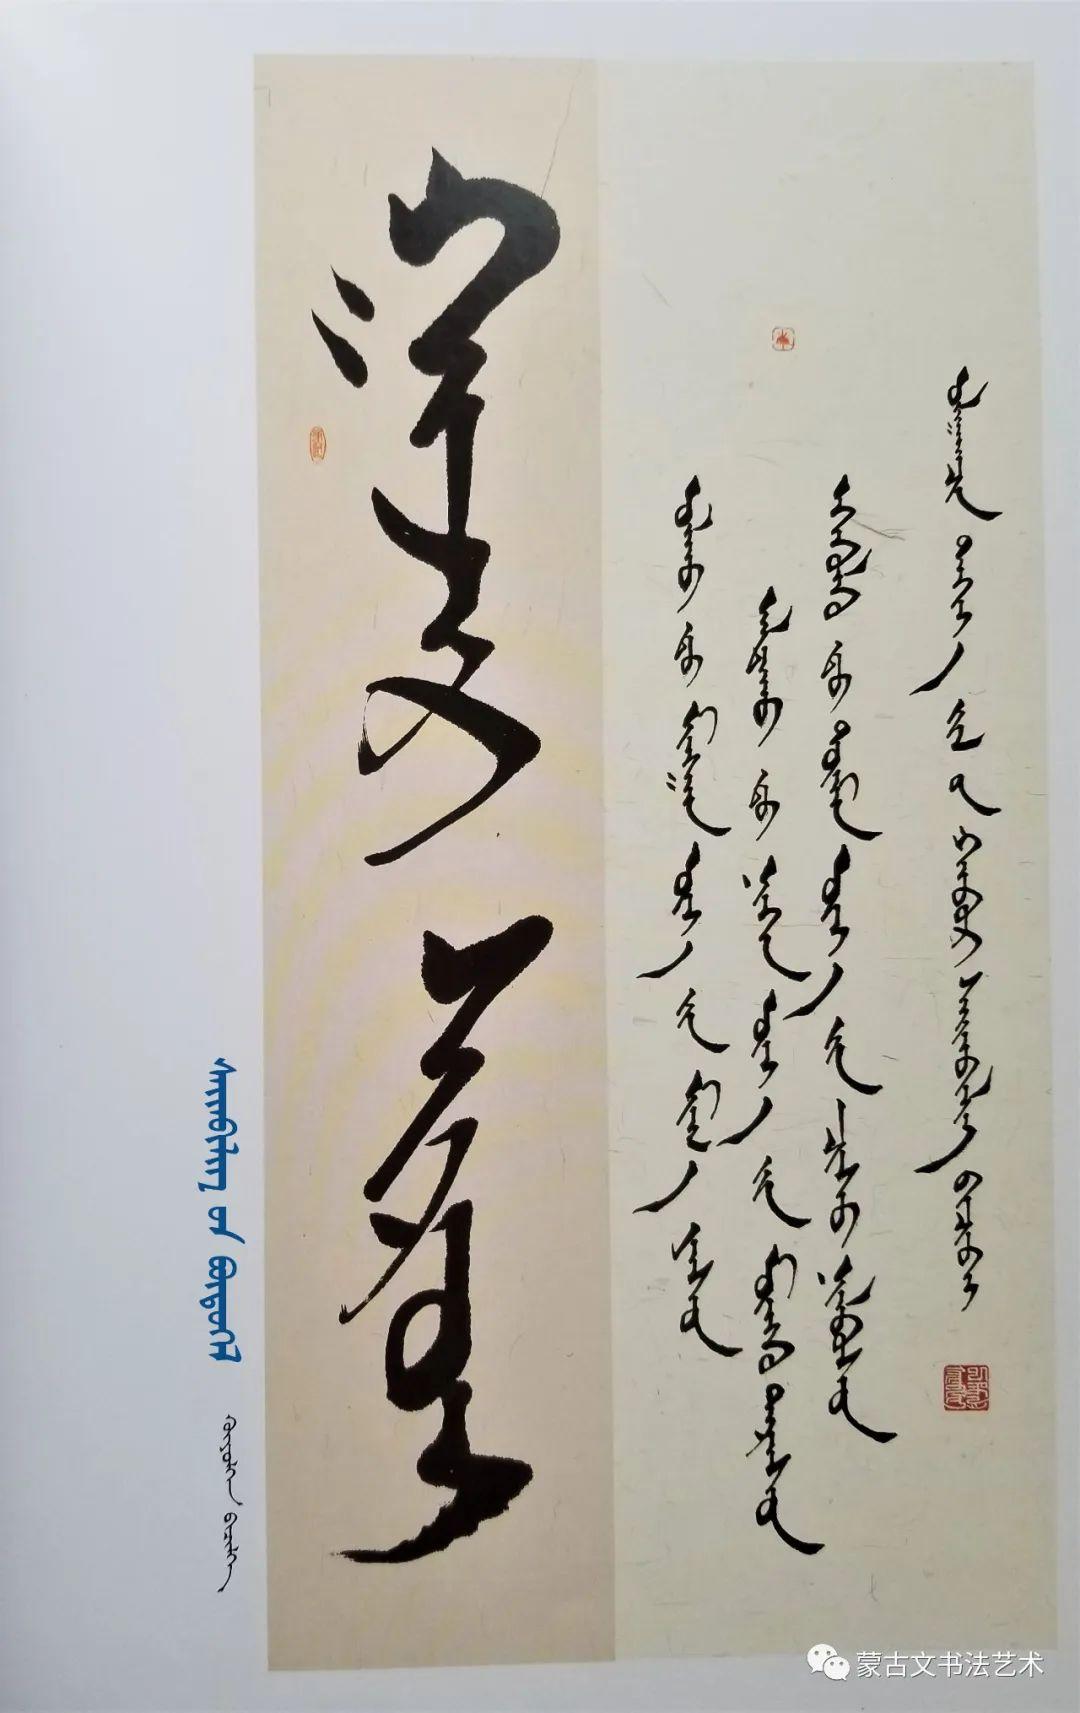 【书法书籍】《墨香书法集》 第5张